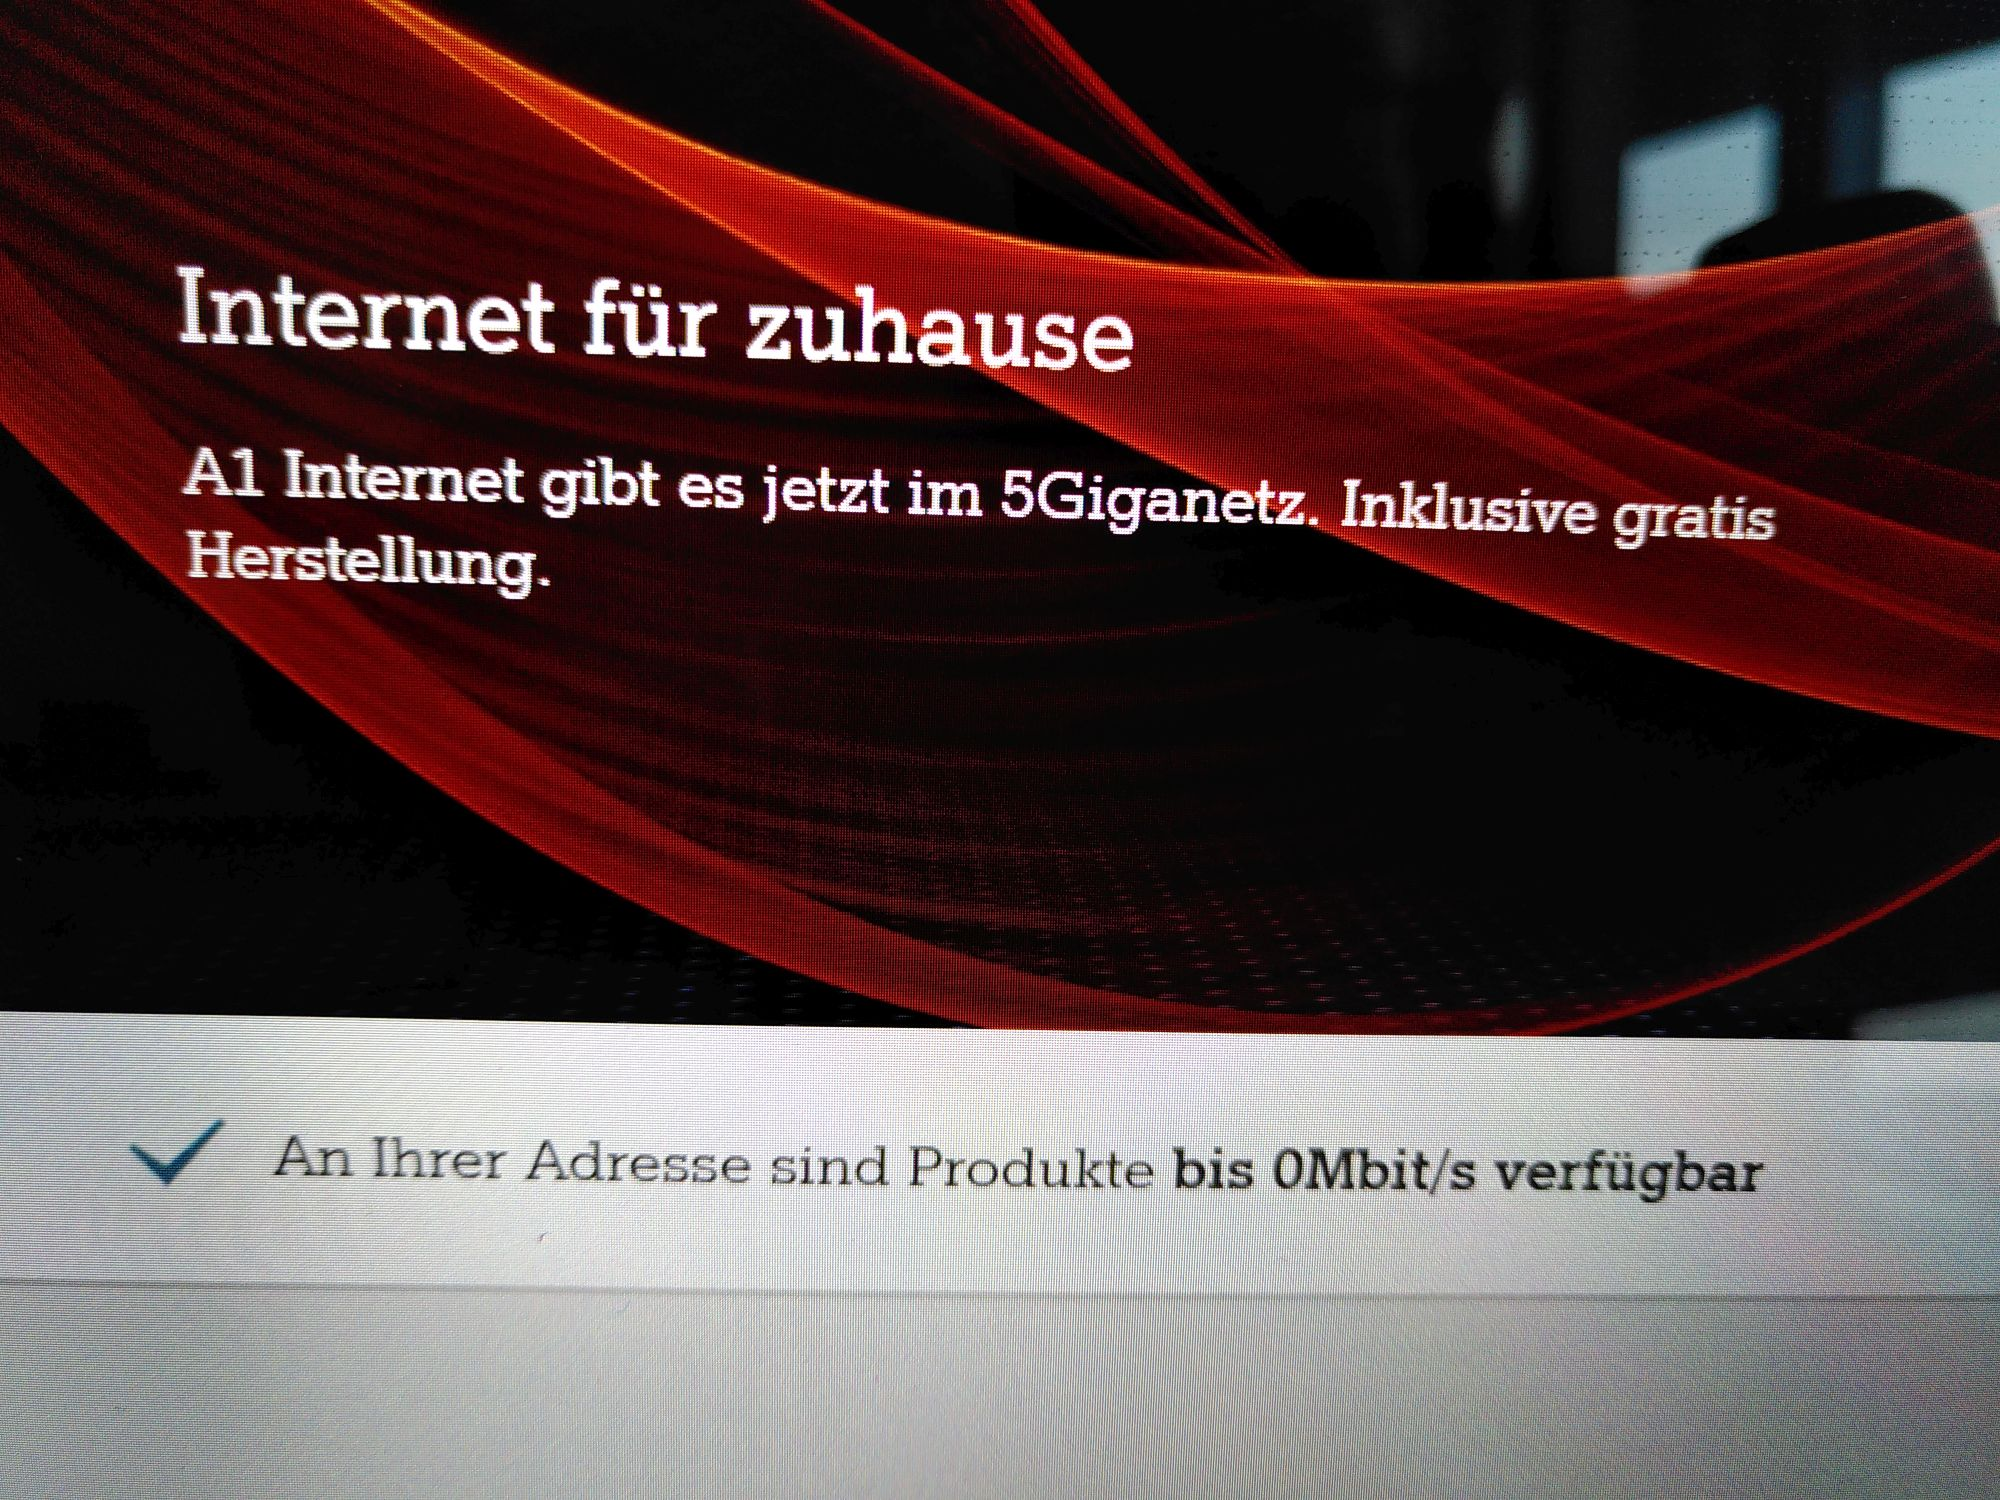 Internet für zuhause